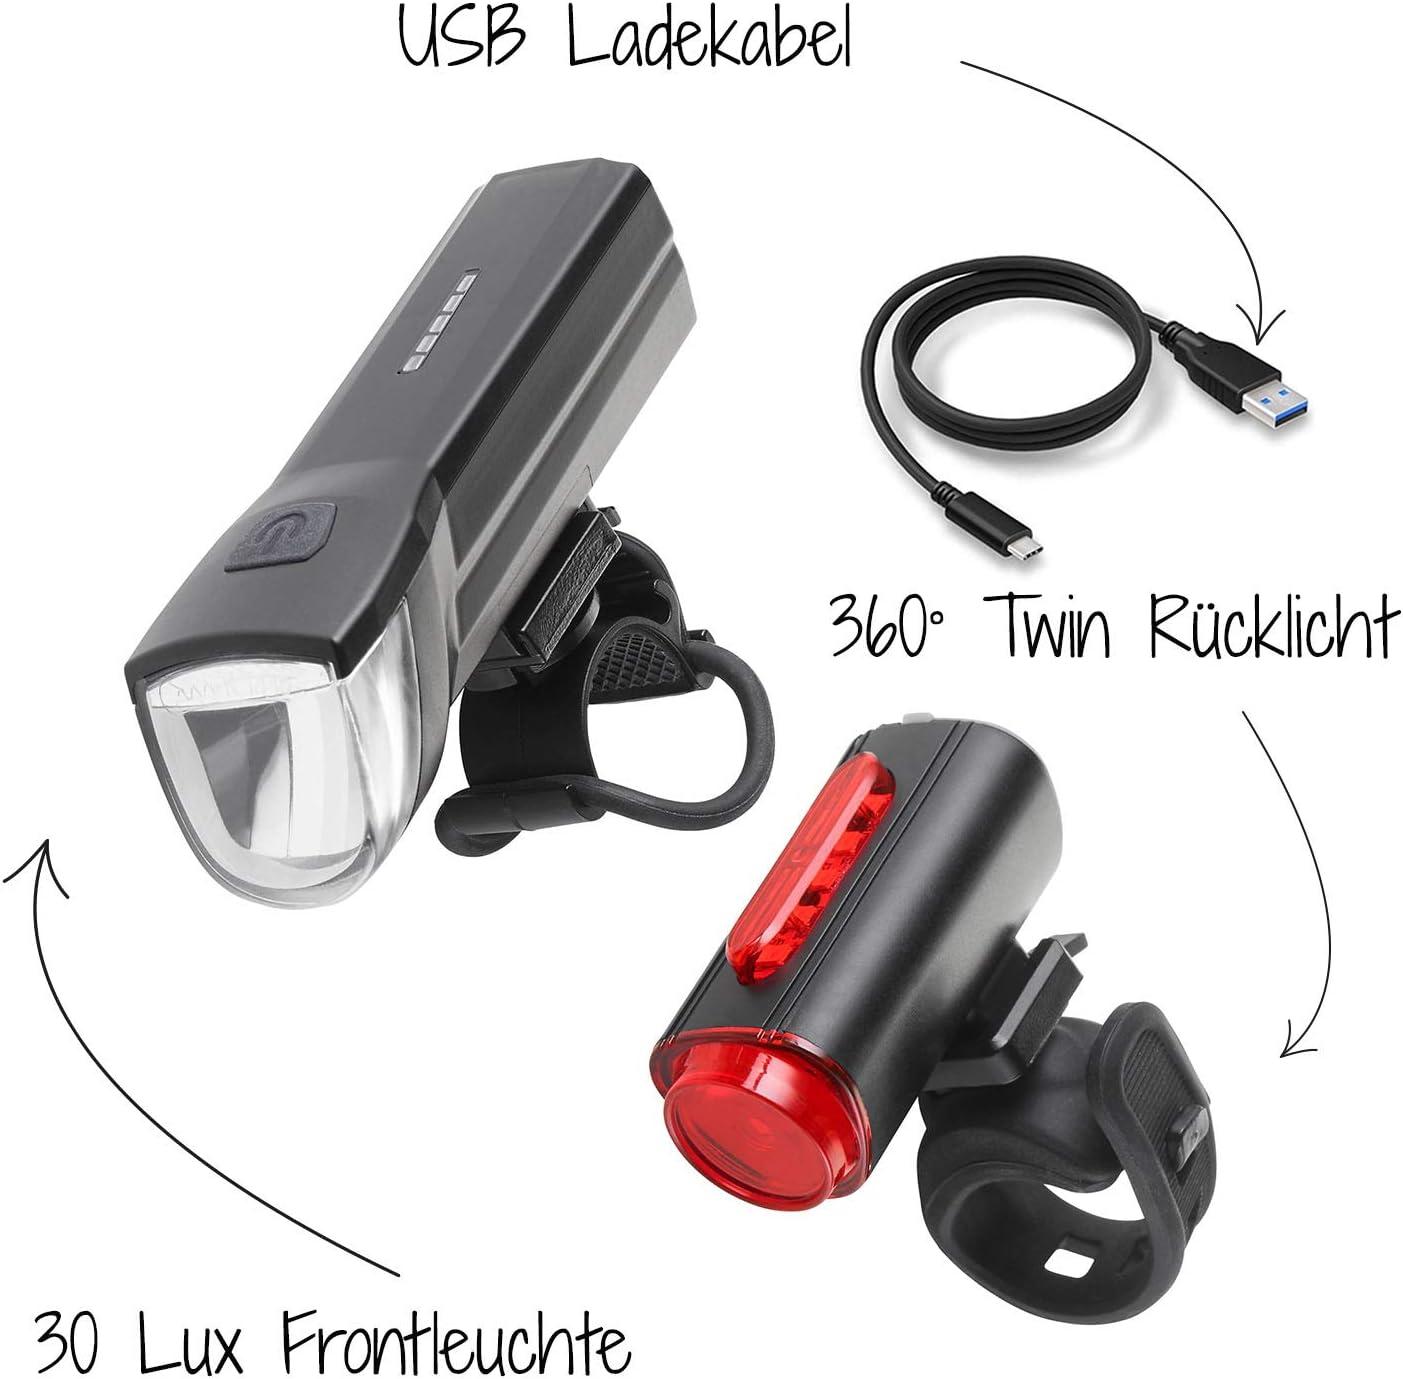 Fischer LED-Fahrradbeleuchtungs-Set (USB), mit 360° Bodenleuchte